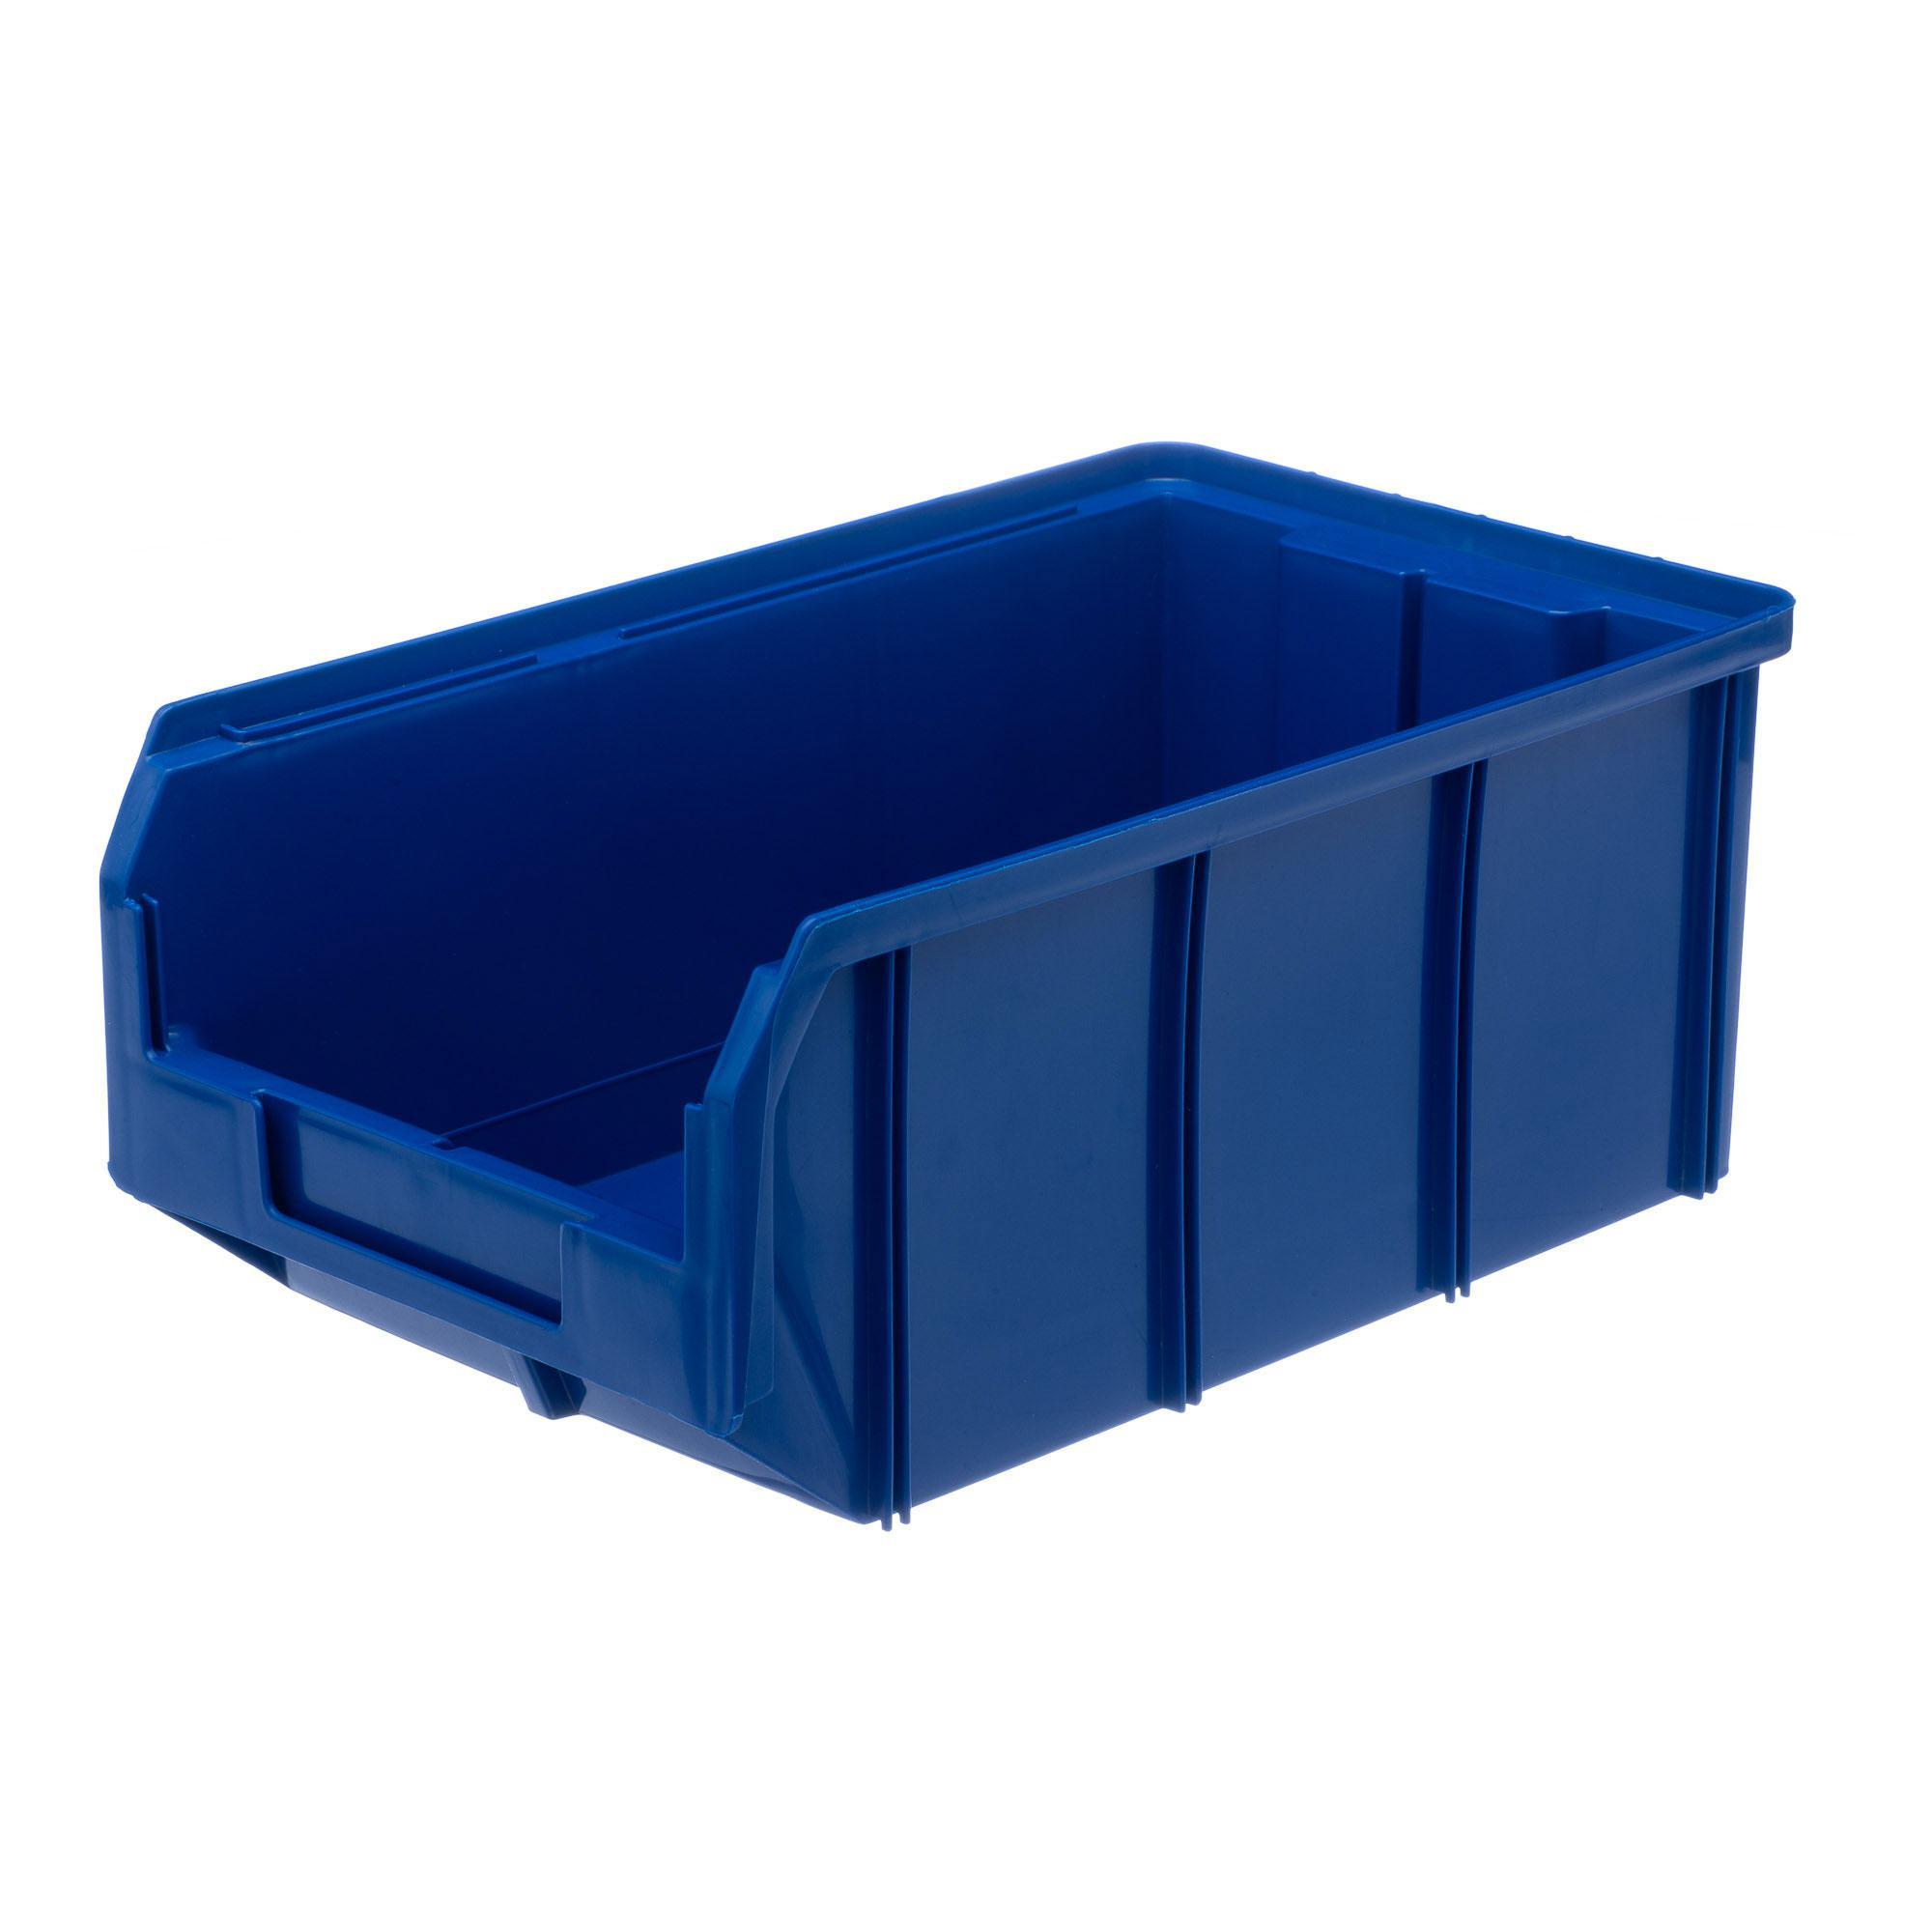 Ящик СТЕЛЛА V-3 синий b screen b156xw02 v 2 v 0 v 3 v 6 fit b156xtn02 claa156wb11a n156b6 l04 n156b6 l0b bt156gw01 n156bge l21 lp156wh4 tla1 tlc1 b1